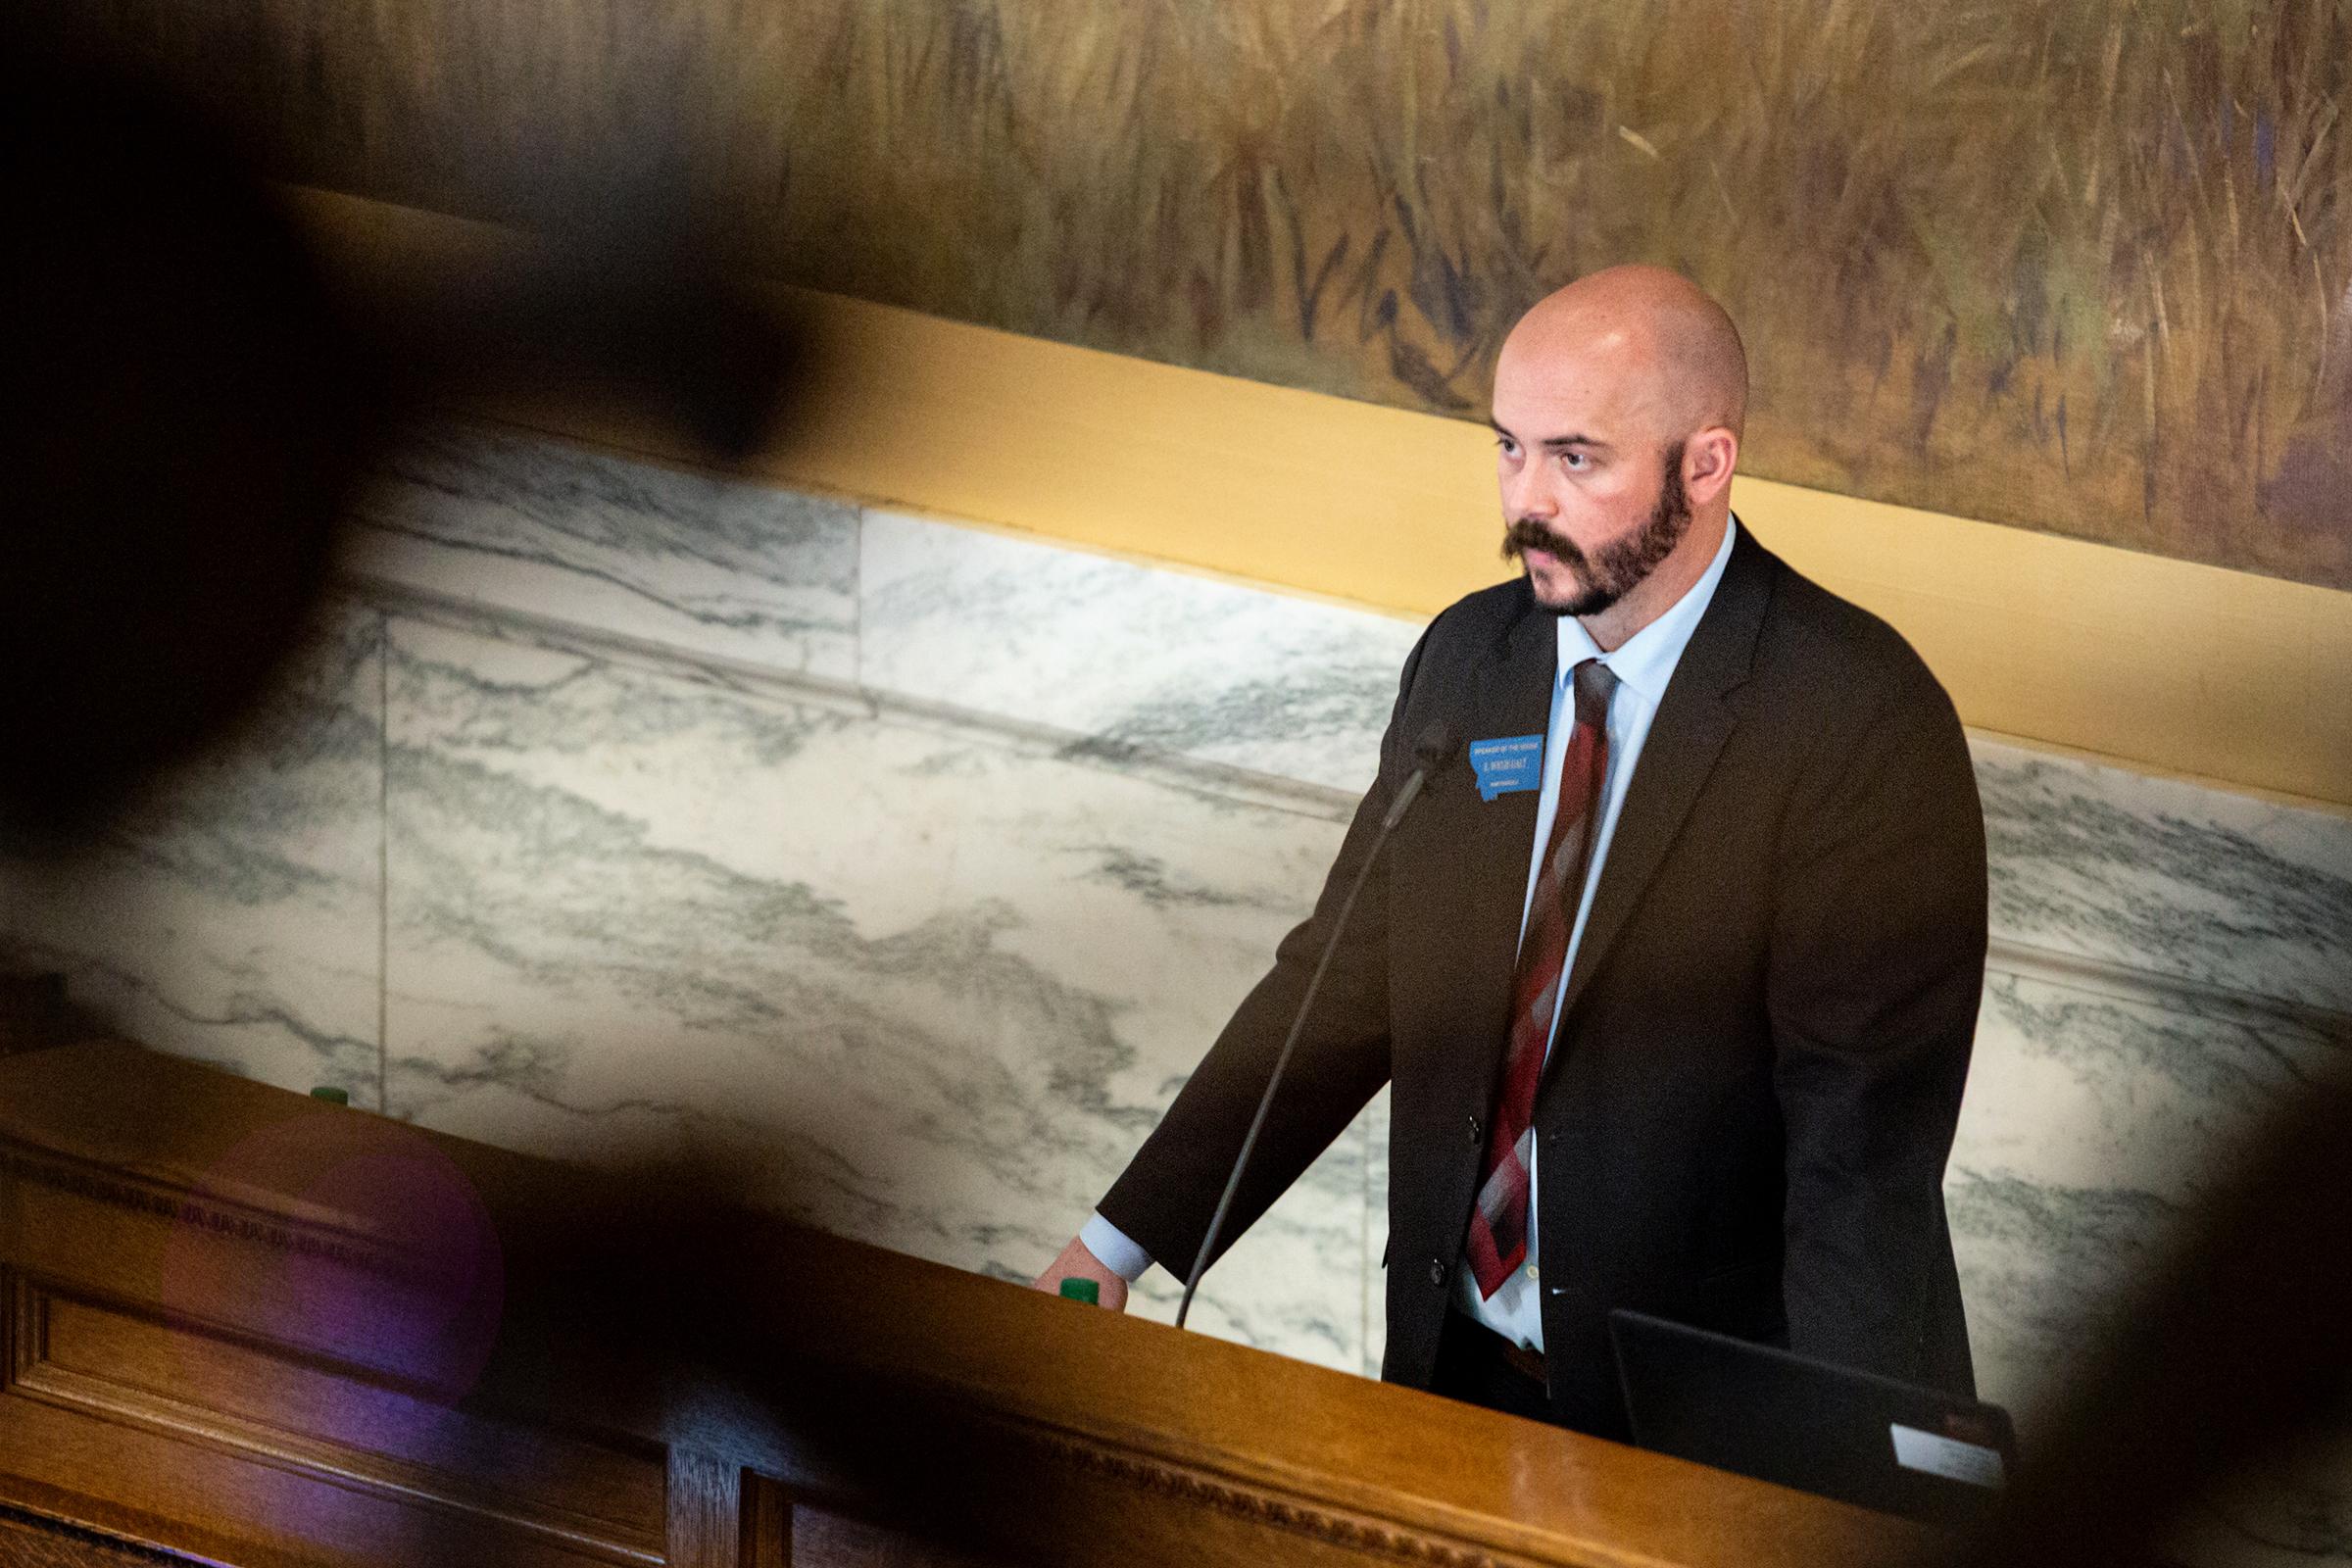 Politics is a family business for Speaker Galt